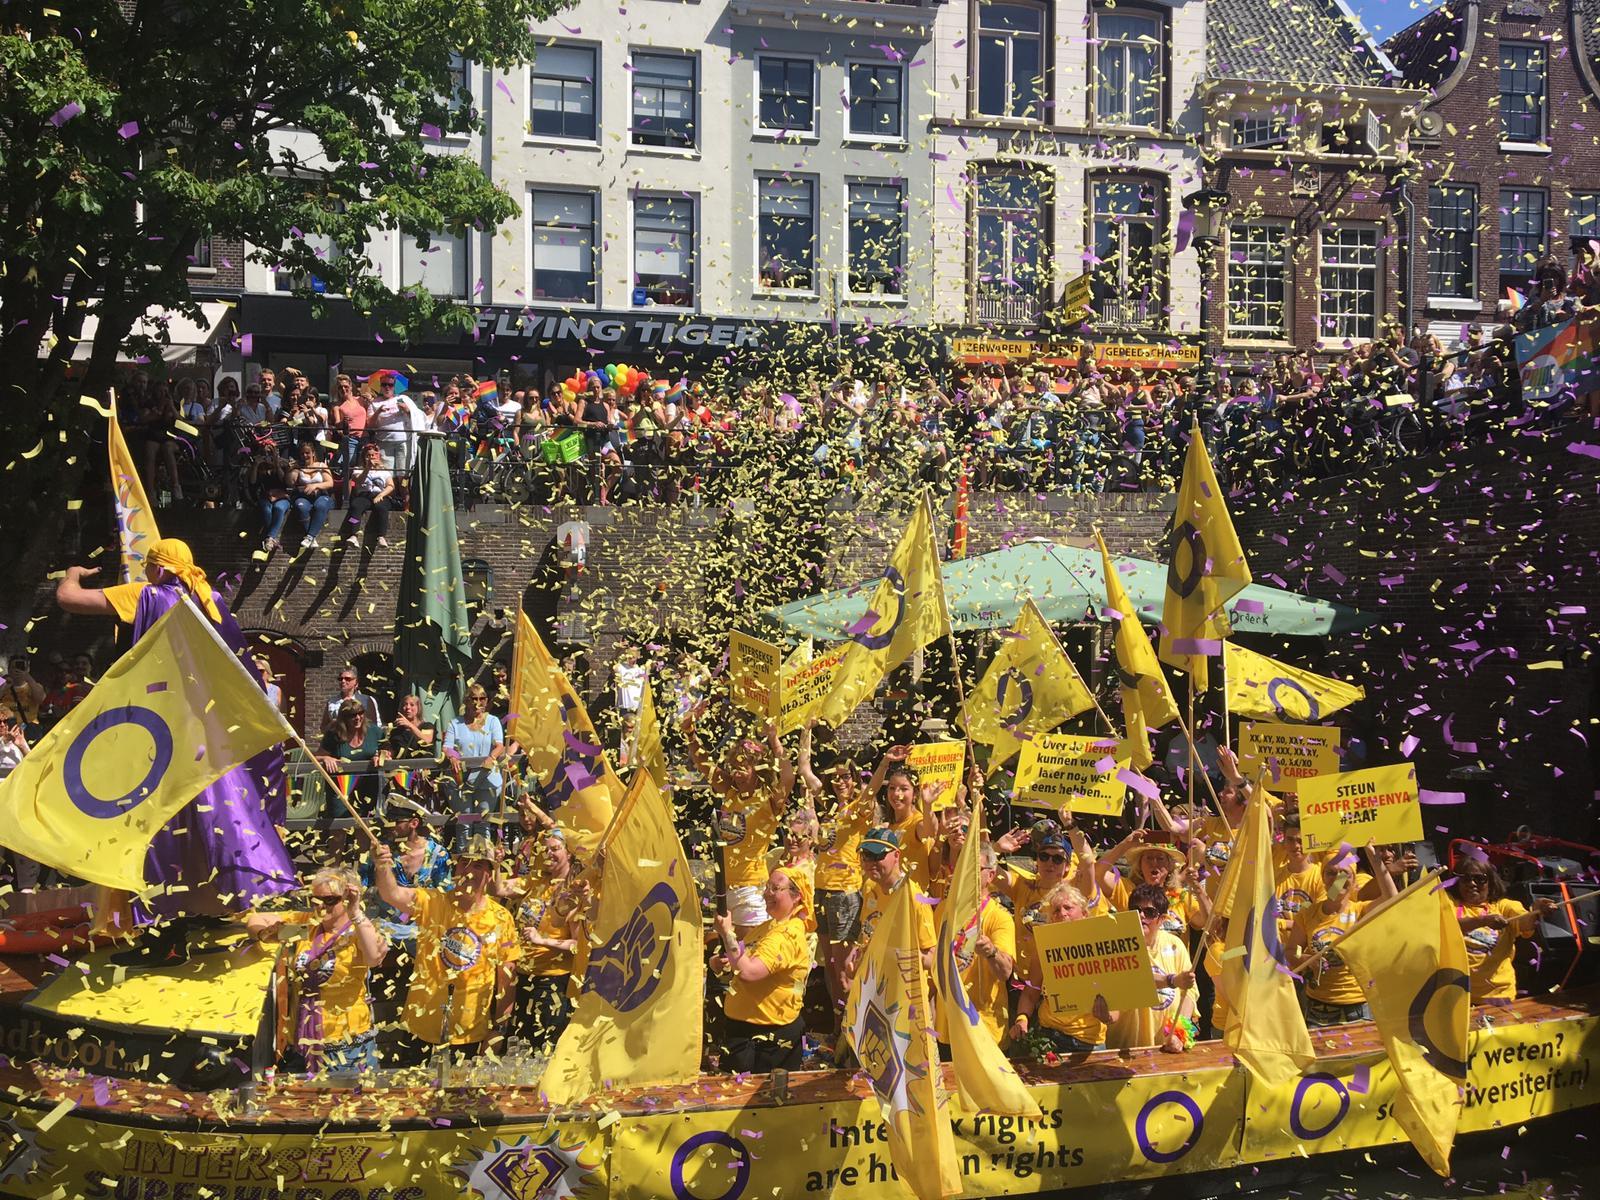 Intersekseboot tijdens Utrecht Canal Pride 2018, met veel interseksevlaggen